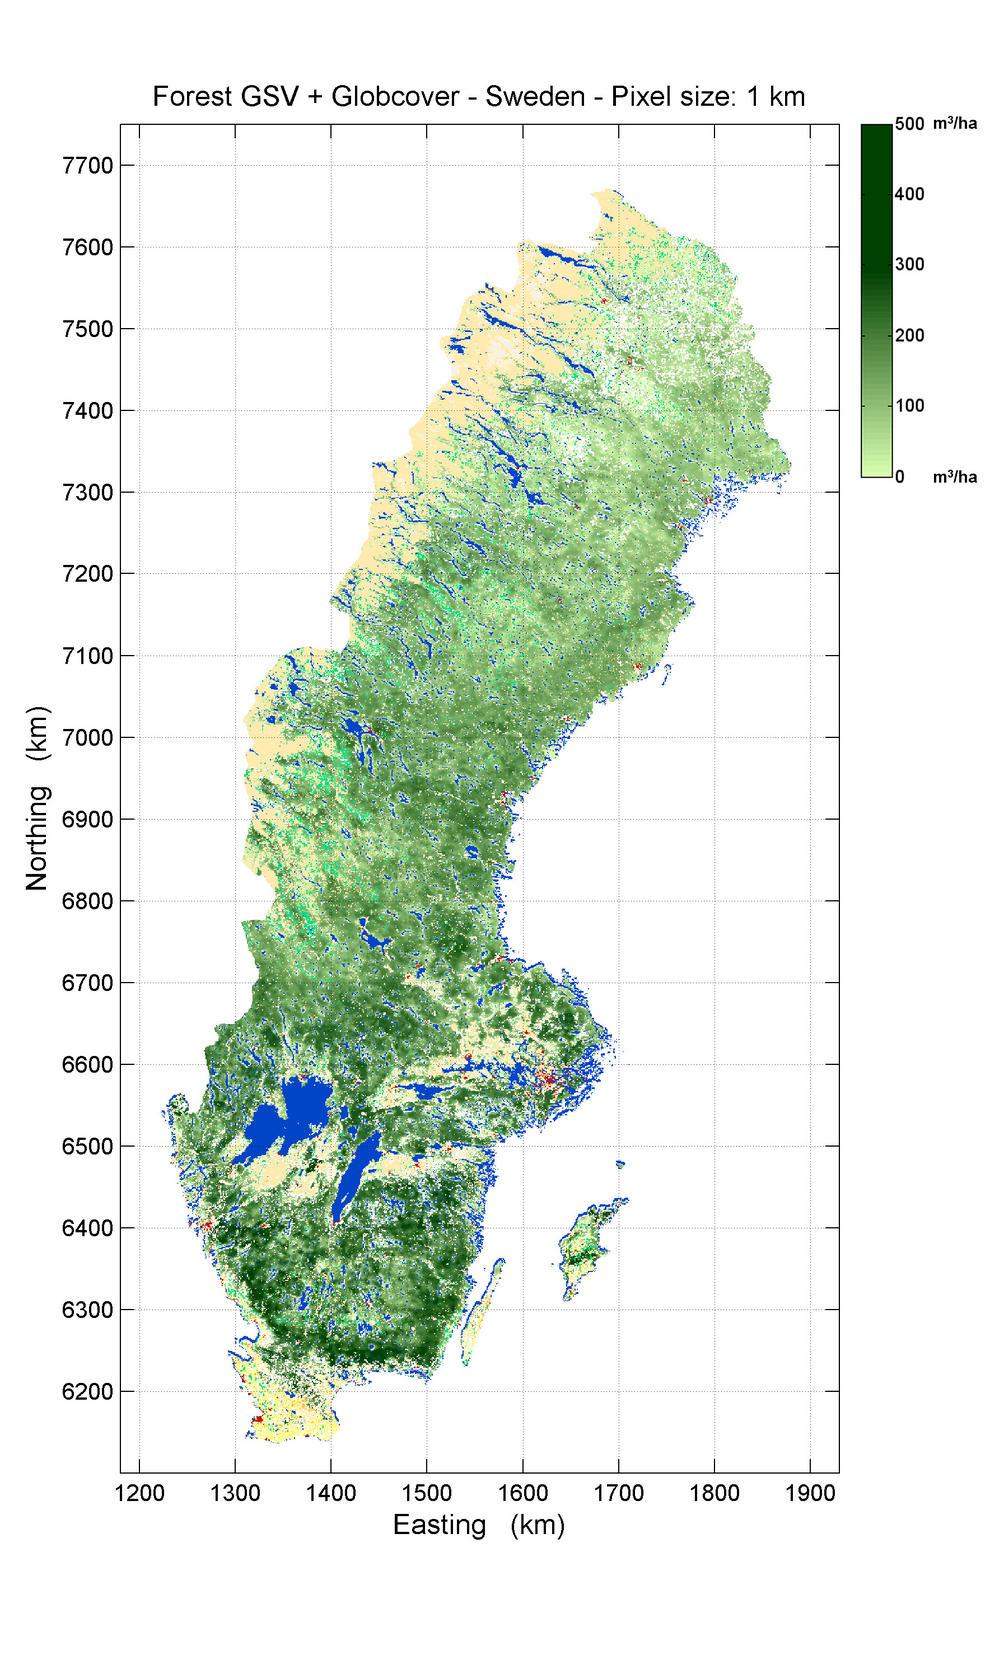 Volúmen de reserva de crecimiento forestal en Suecia, obtenido con el algoritmo BIOMASAR.